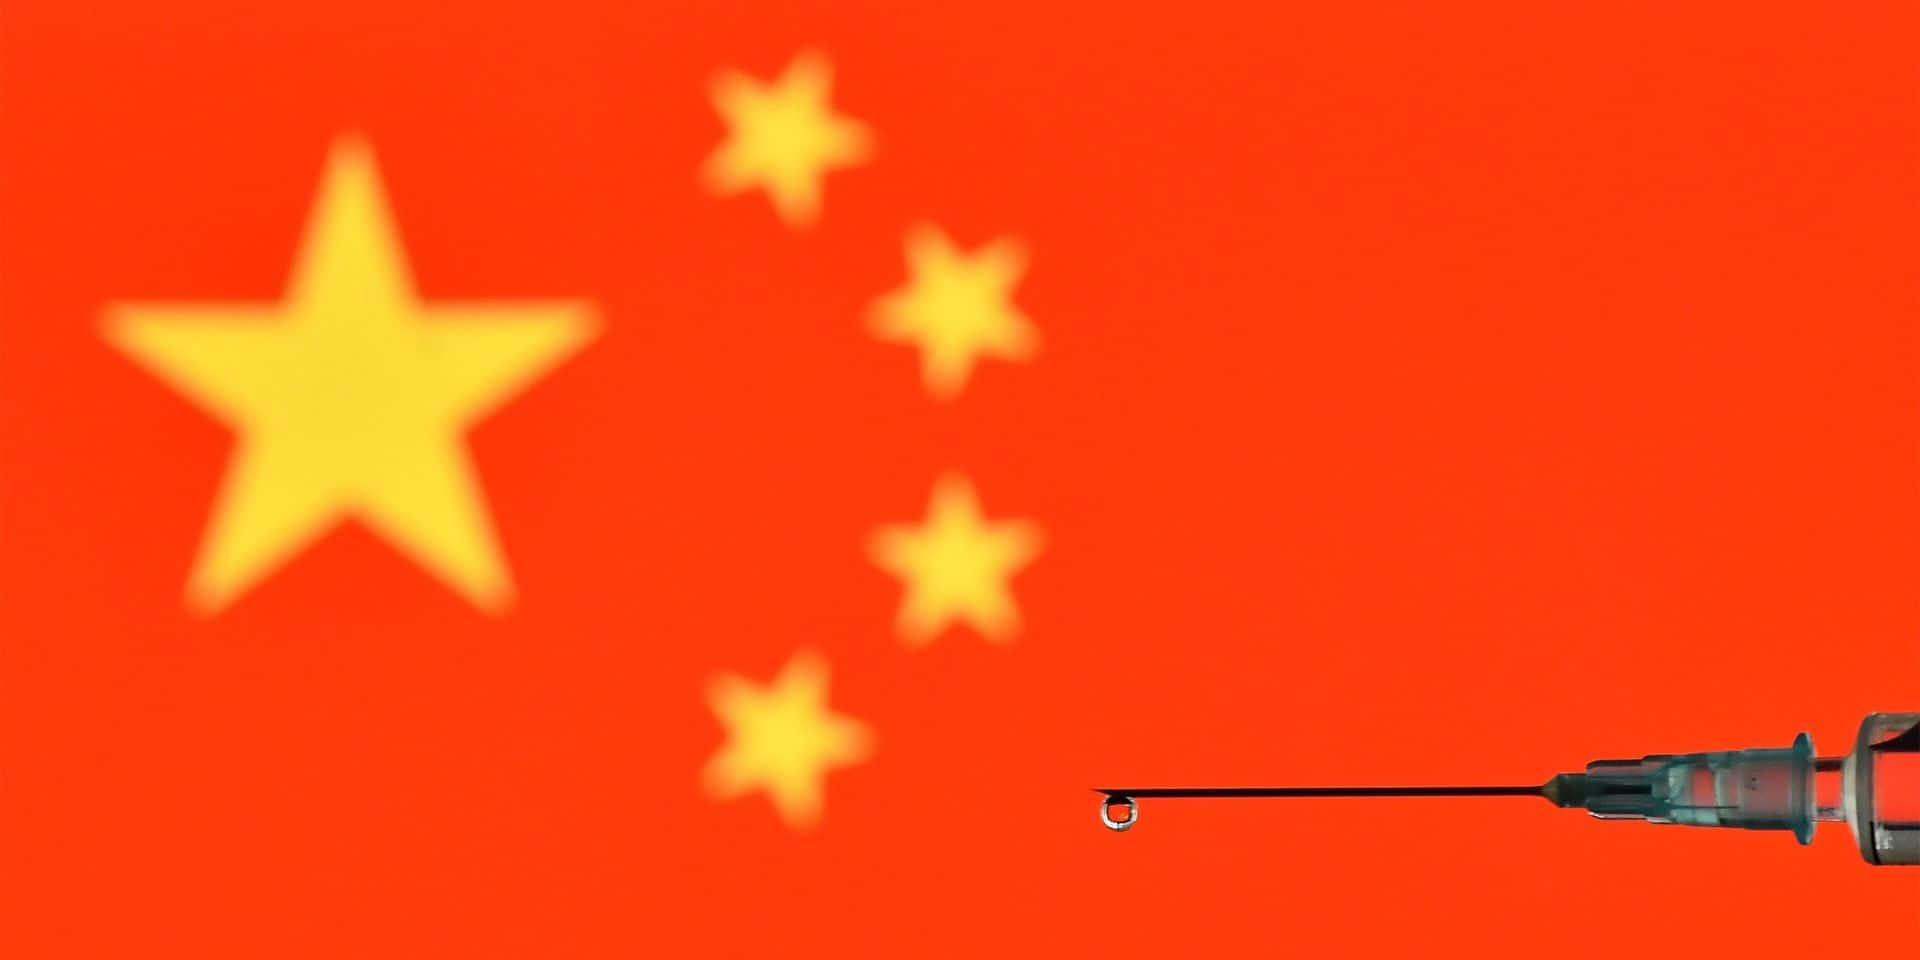 L'entreprise belge eTheRNA s'associe à un géant pharmaceutique chinois